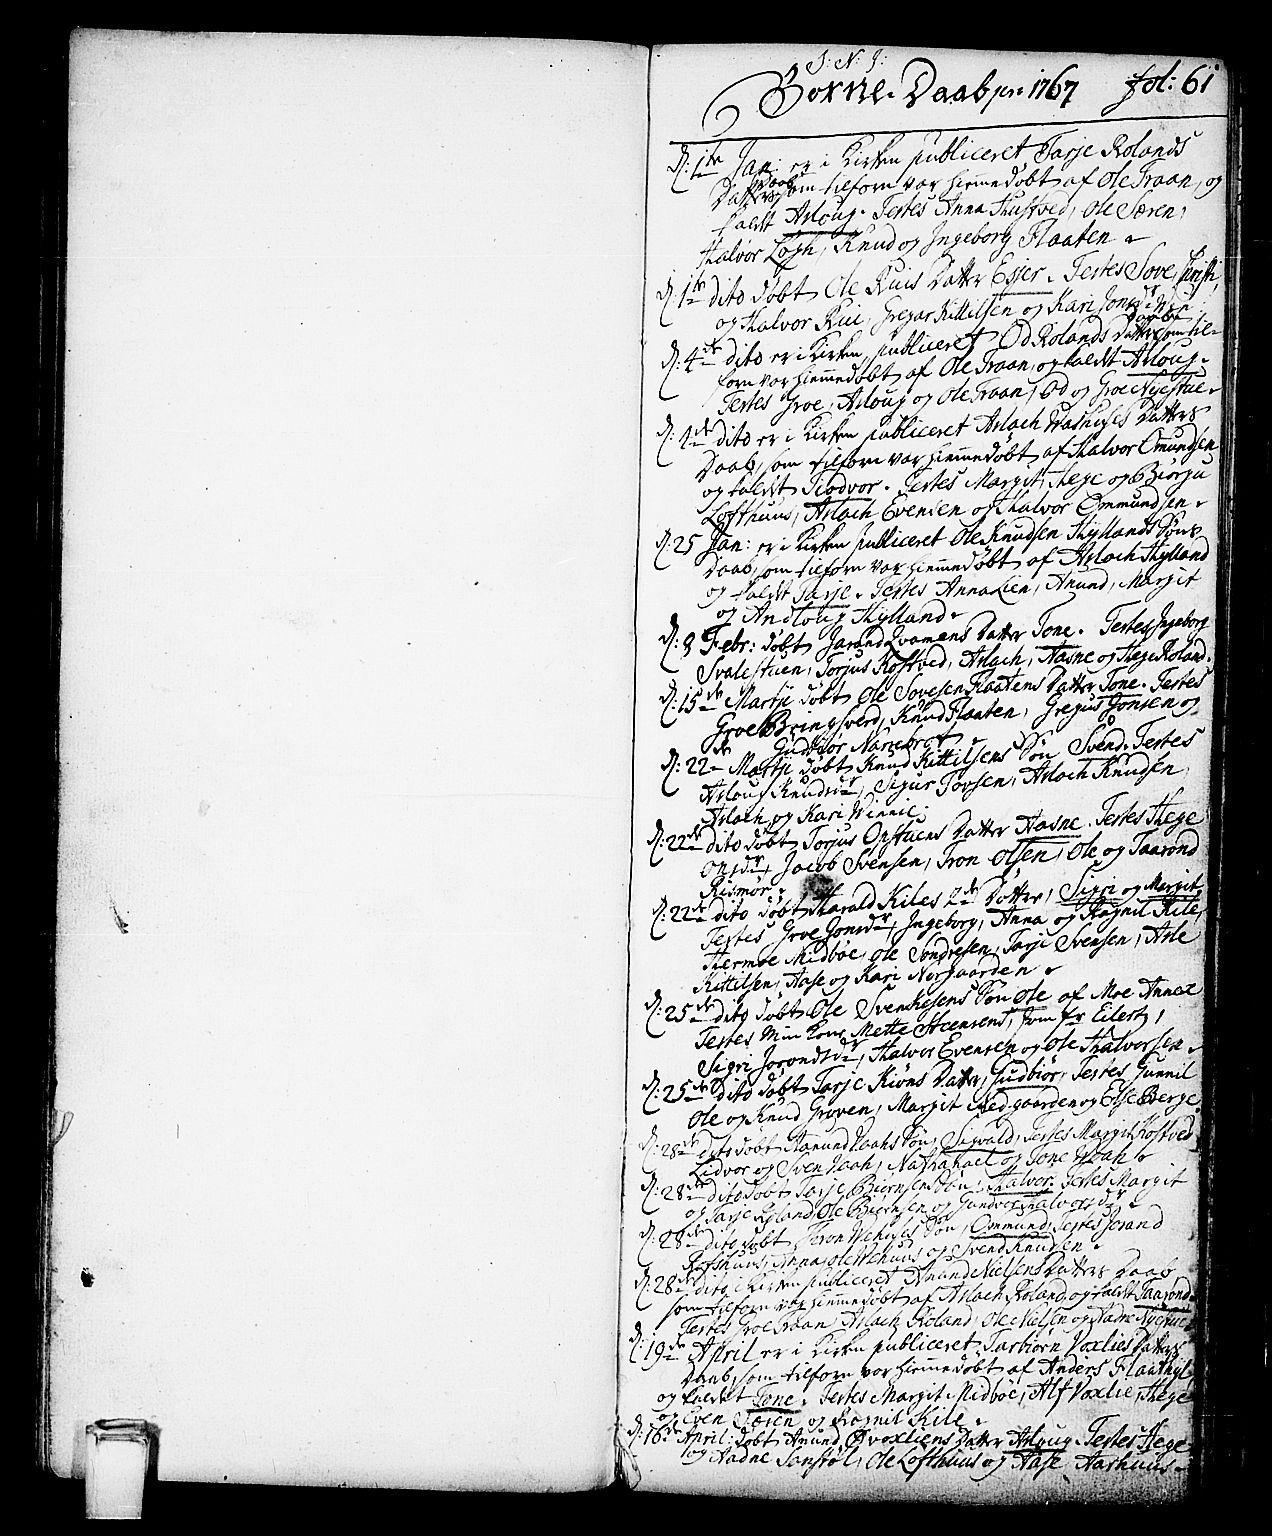 SAKO, Vinje kirkebøker, F/Fa/L0002: Ministerialbok nr. I 2, 1767-1814, s. 61